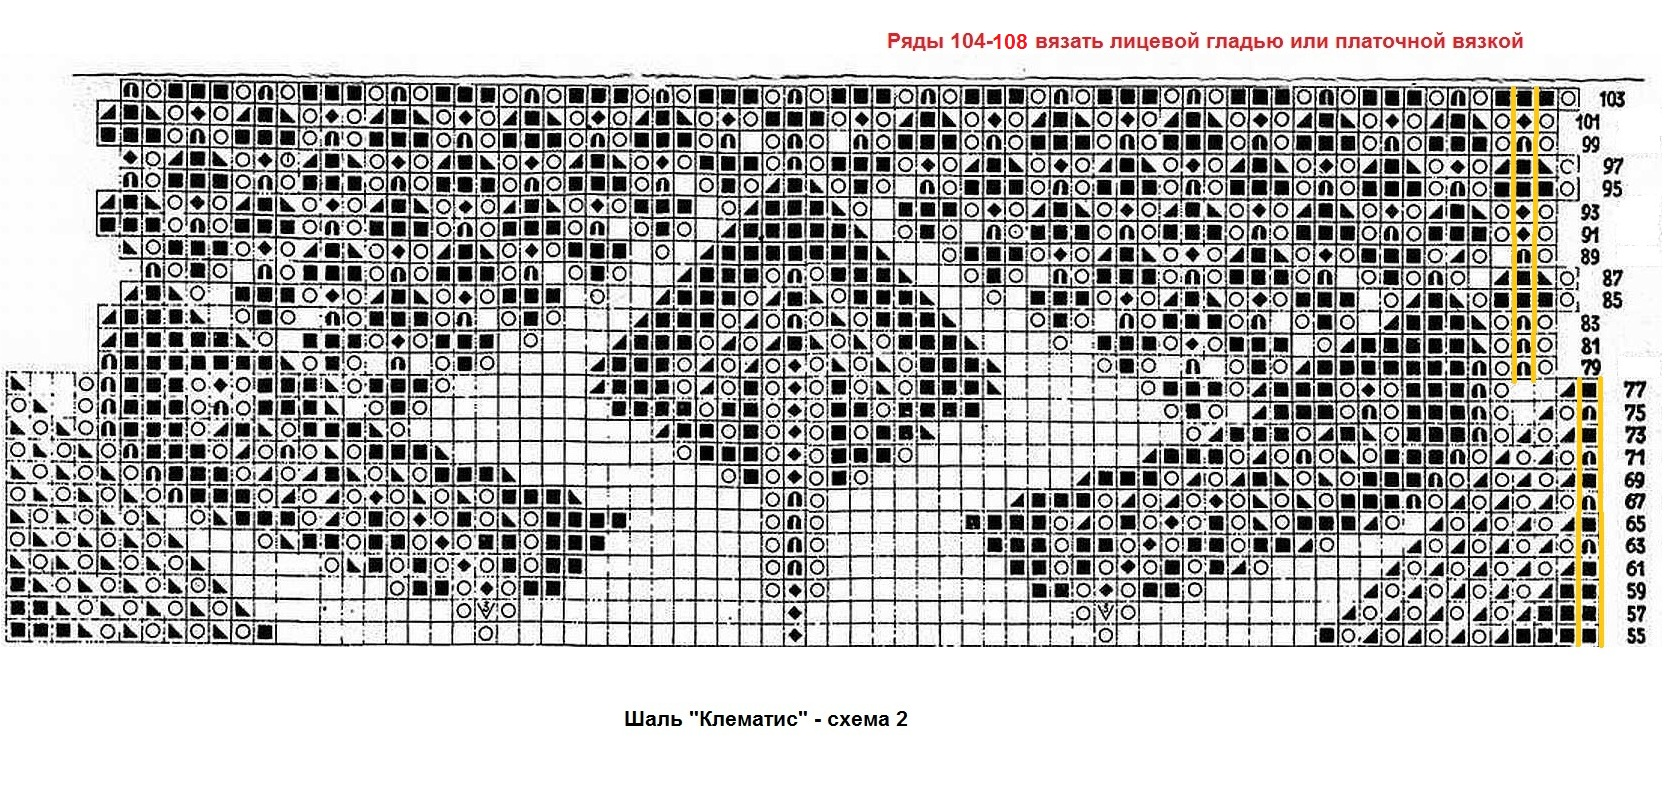 Вязание шалей клематис